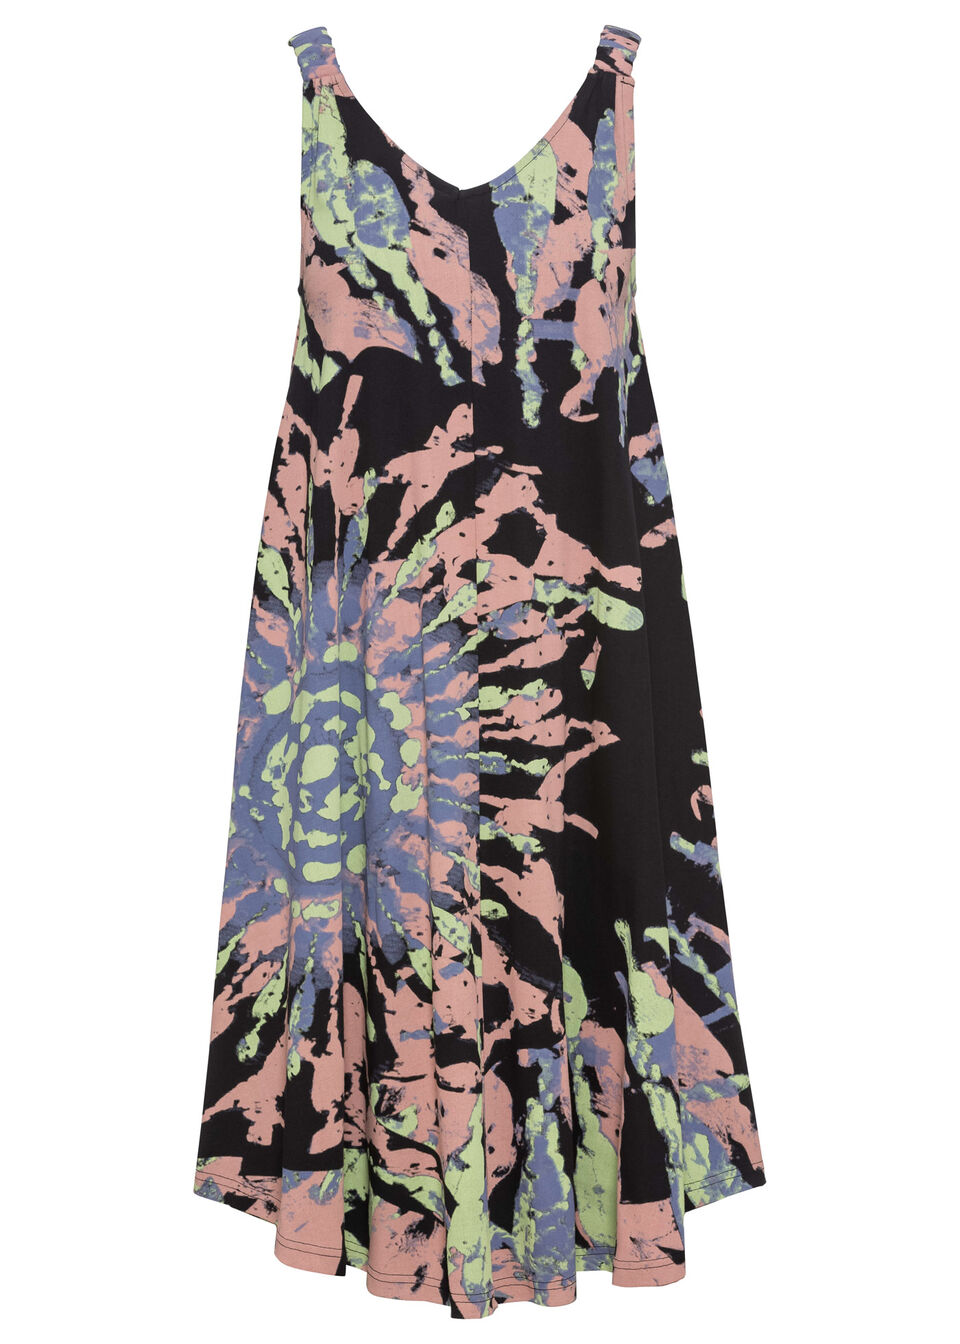 Sukienka z dżerseju w batikowy wzór bonprix czarno-zielony kredowy - stary jasnoróżowy z nadrukiem